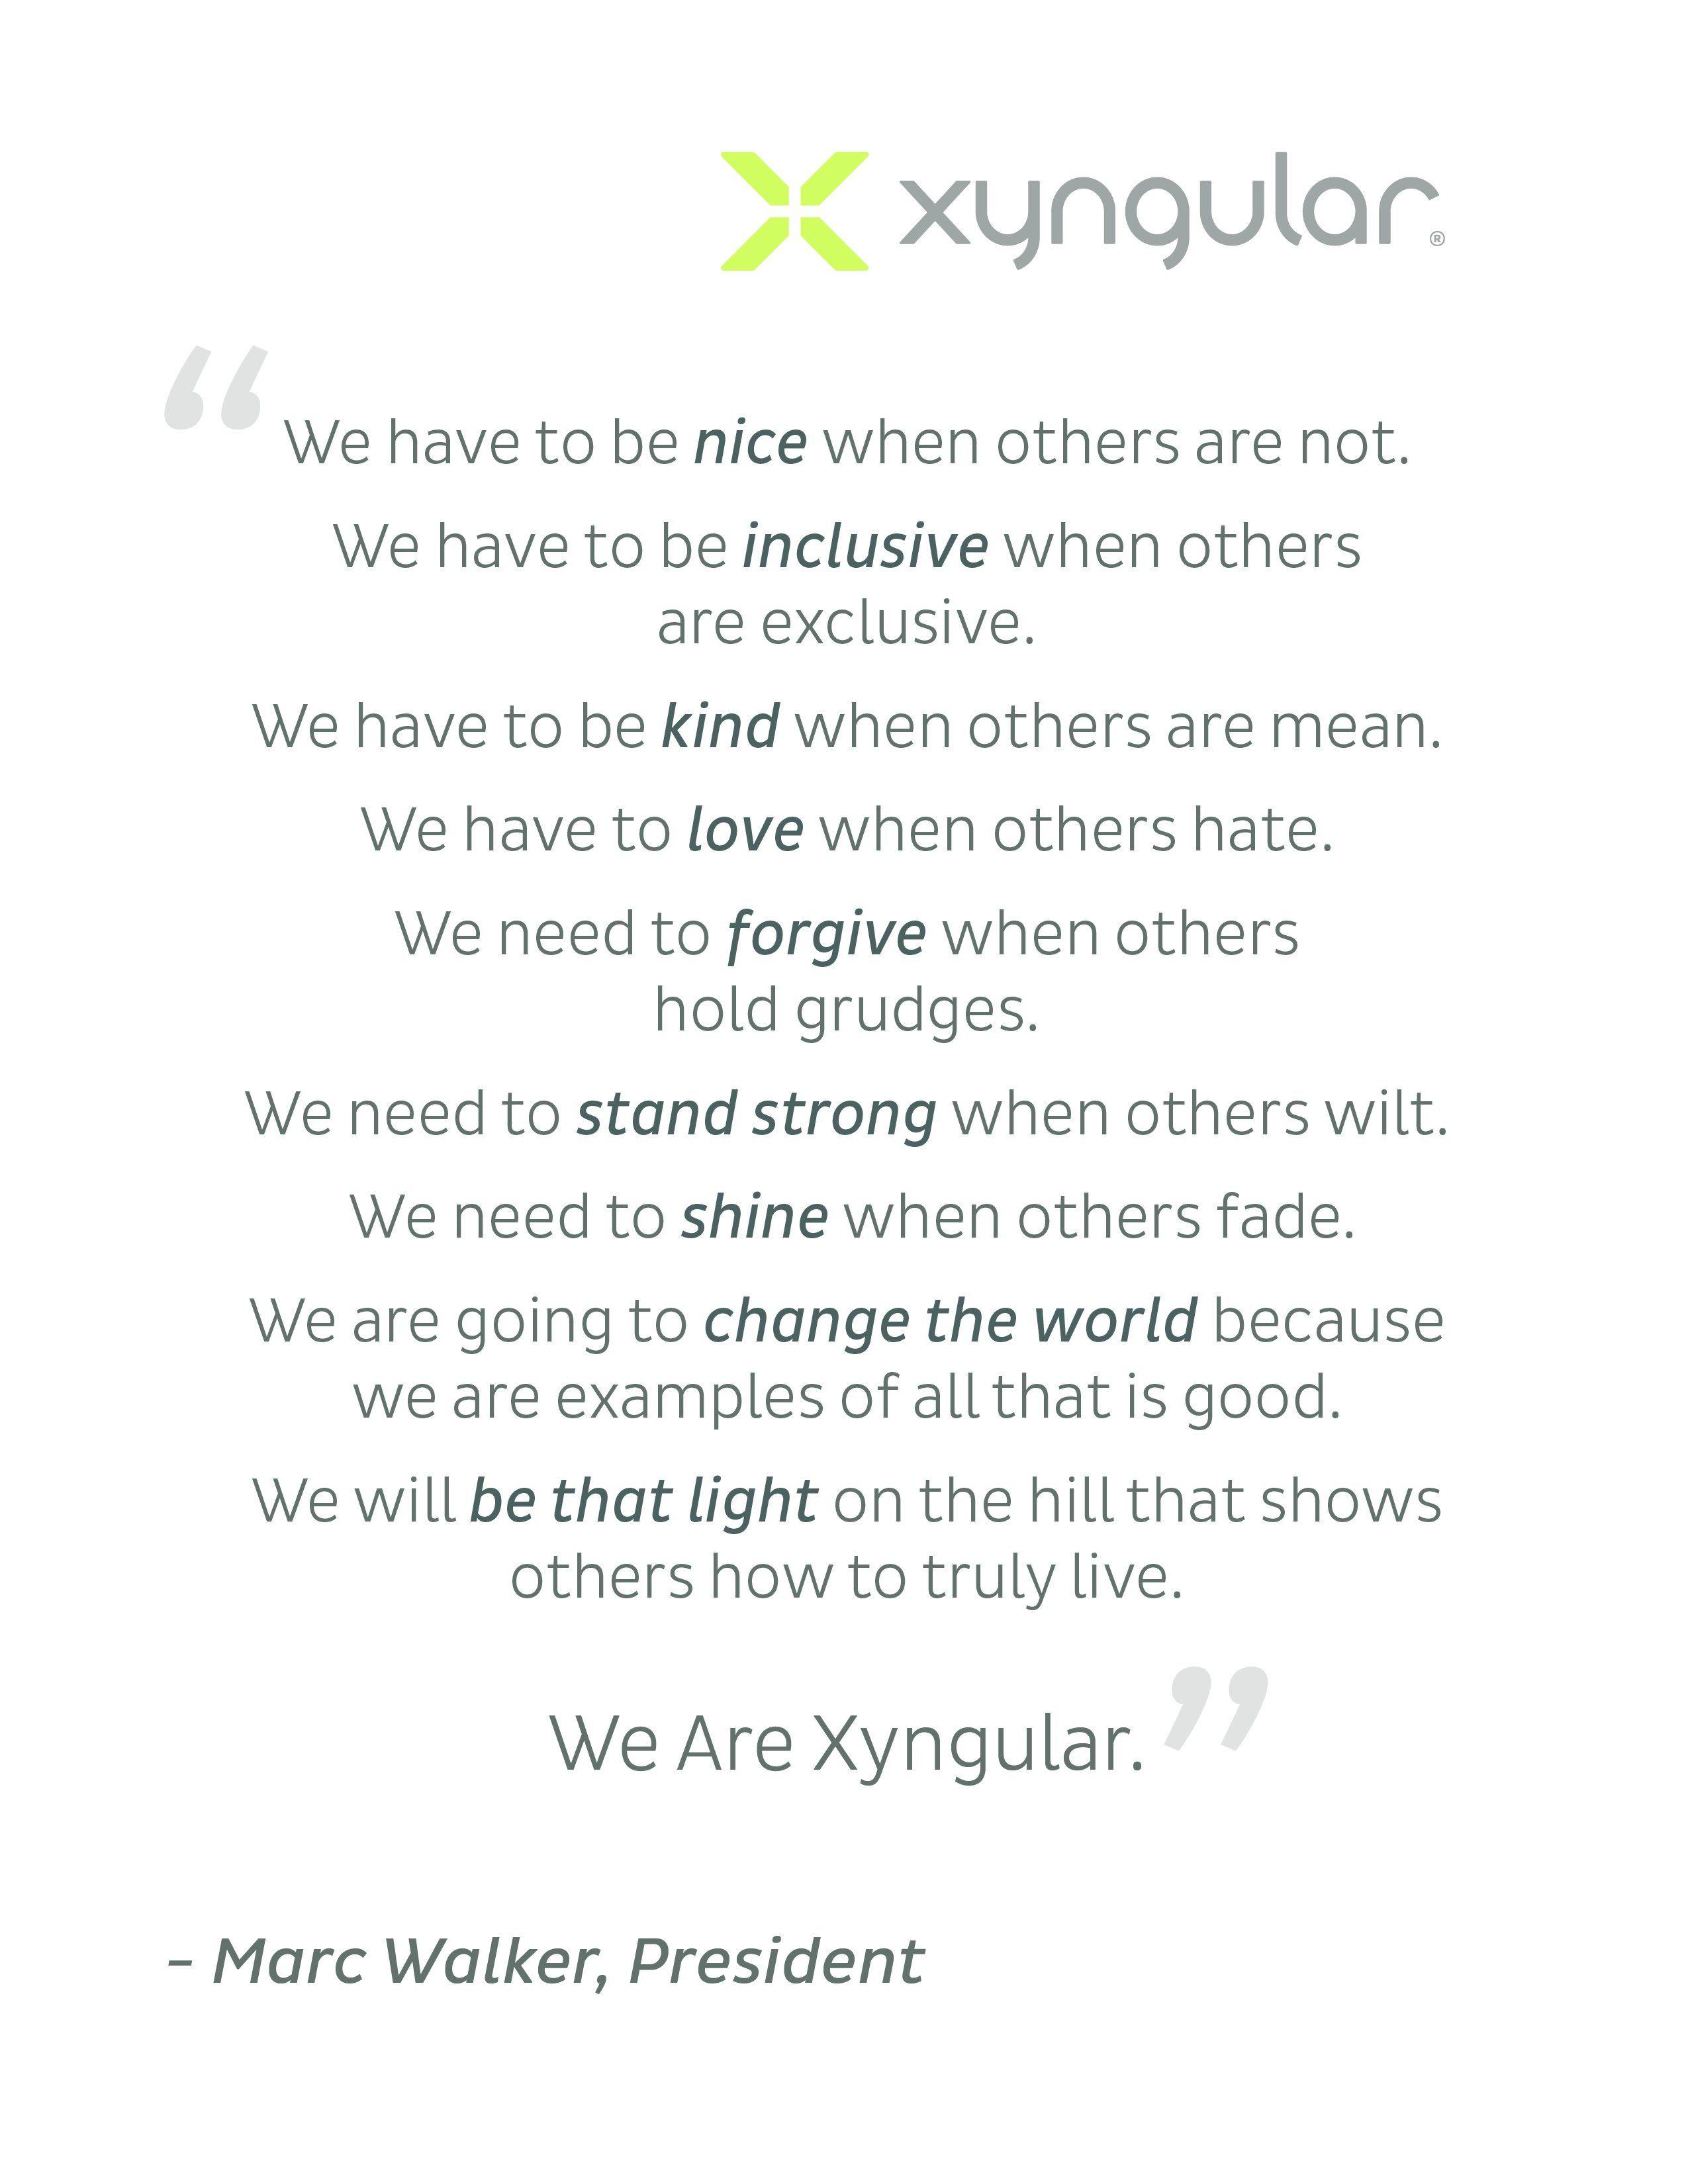 We Are Xyngular Marc Walker President  Xyngular Logos And